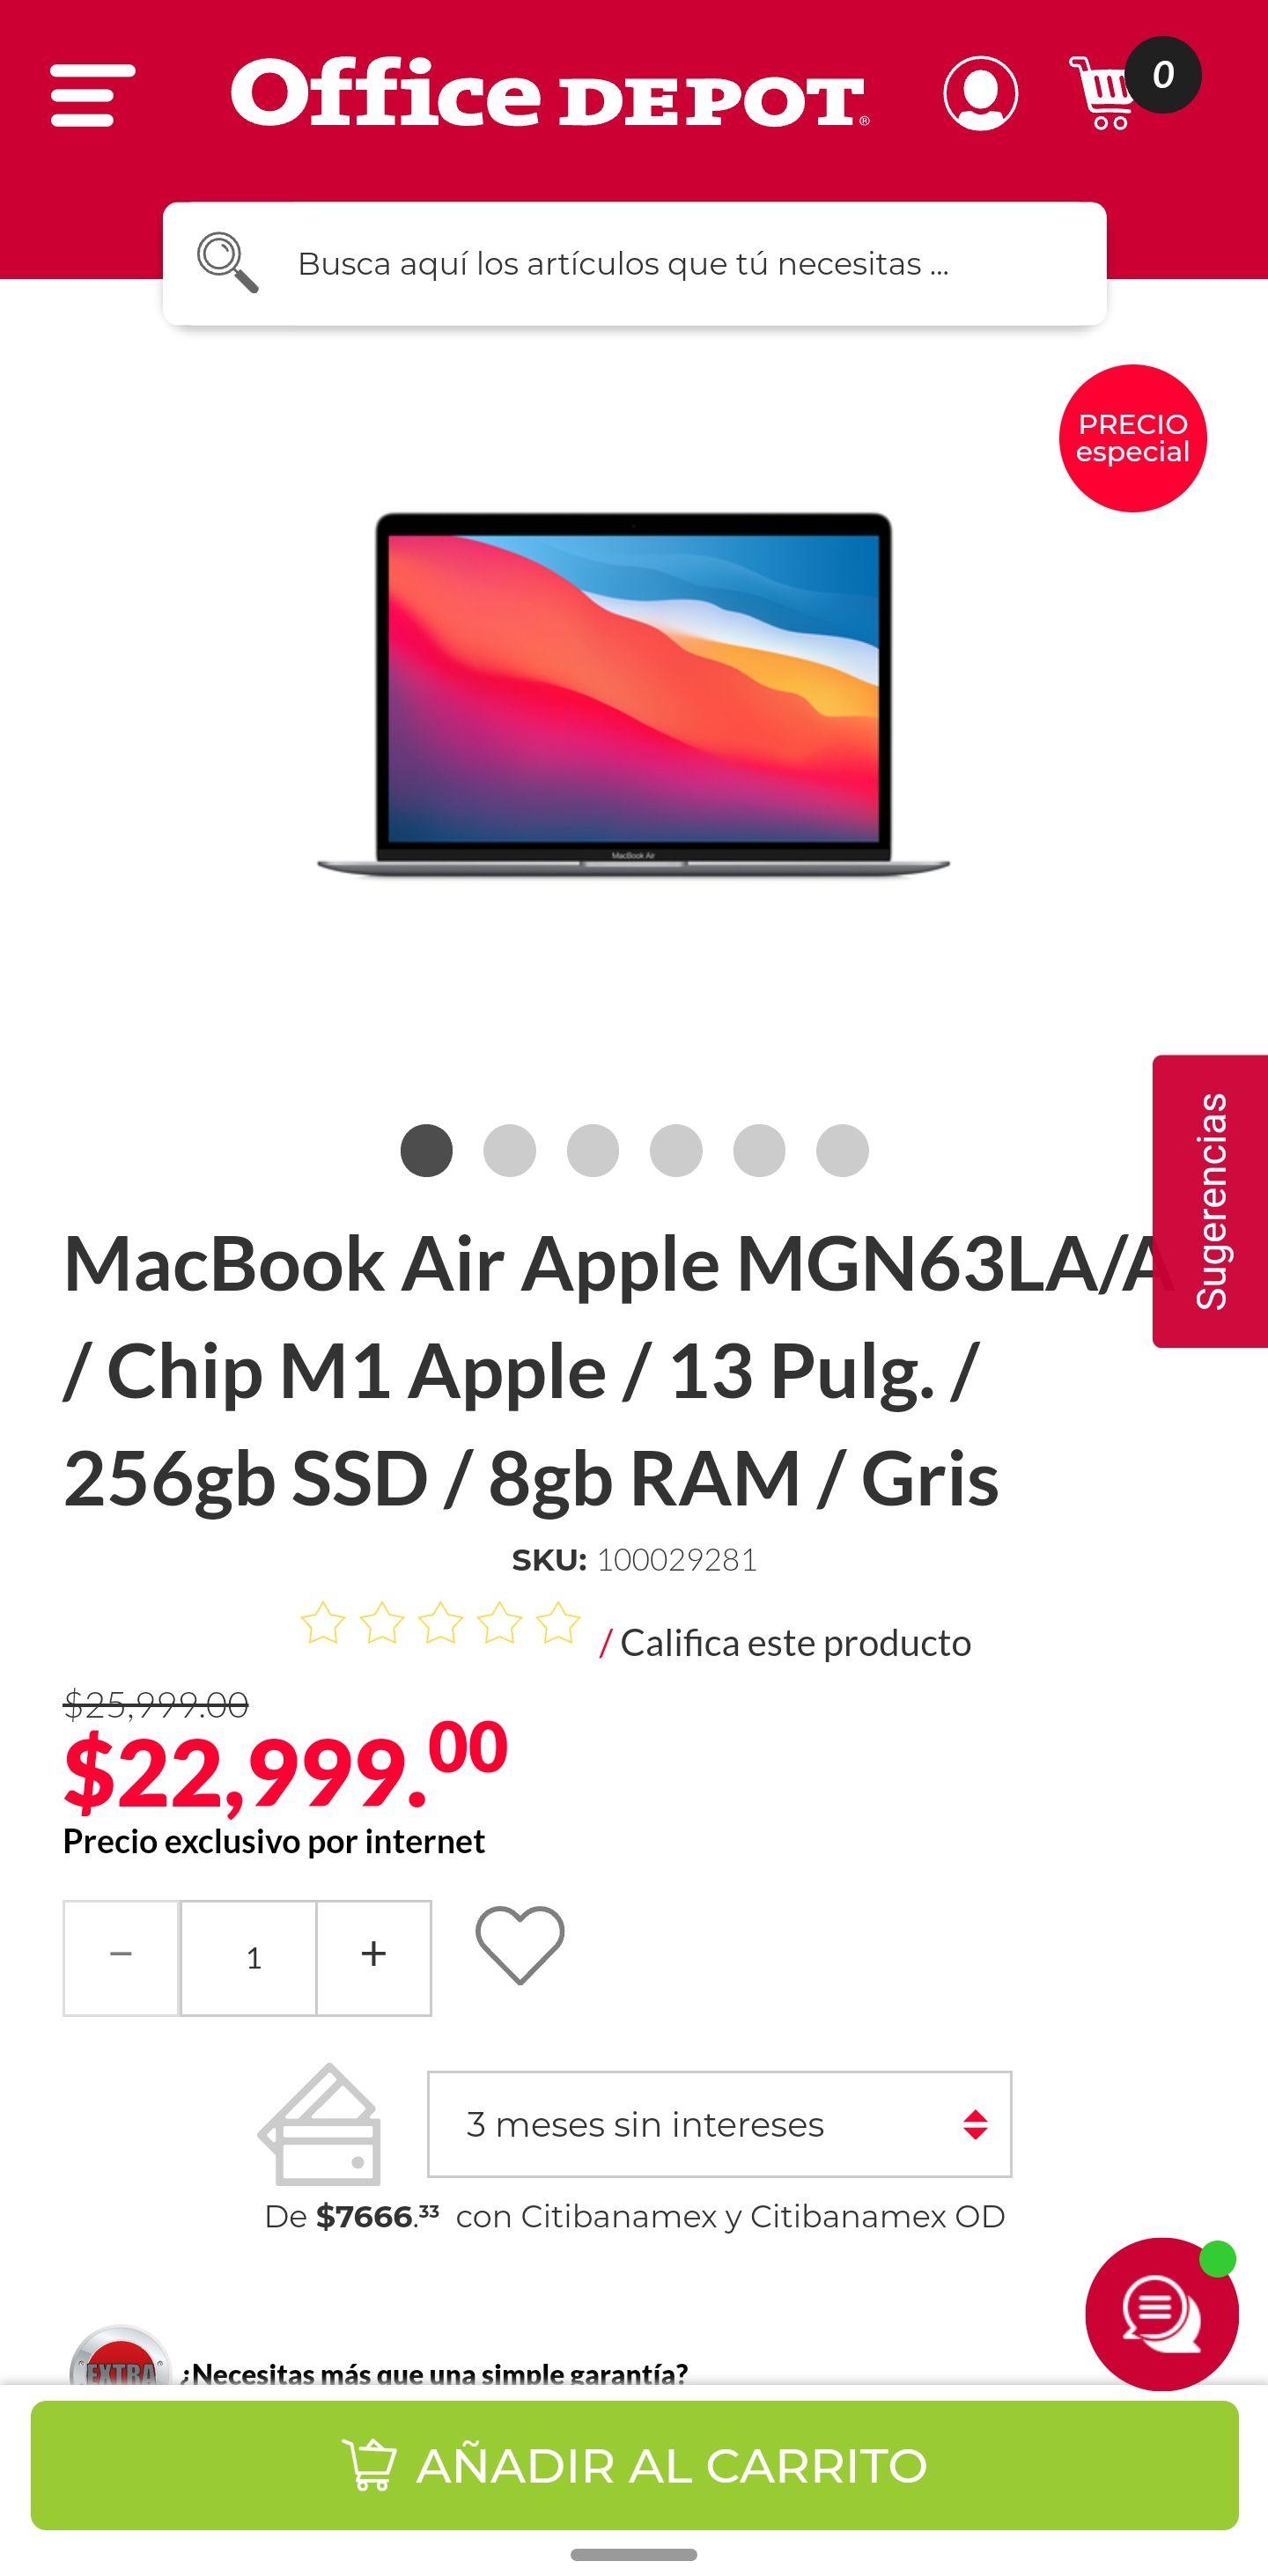 OfficeDepot | Macbook Air M1 256 GB | CON PROMOCIONES BANCARIAS BANORTE, BBVA, CITIBANAMEX